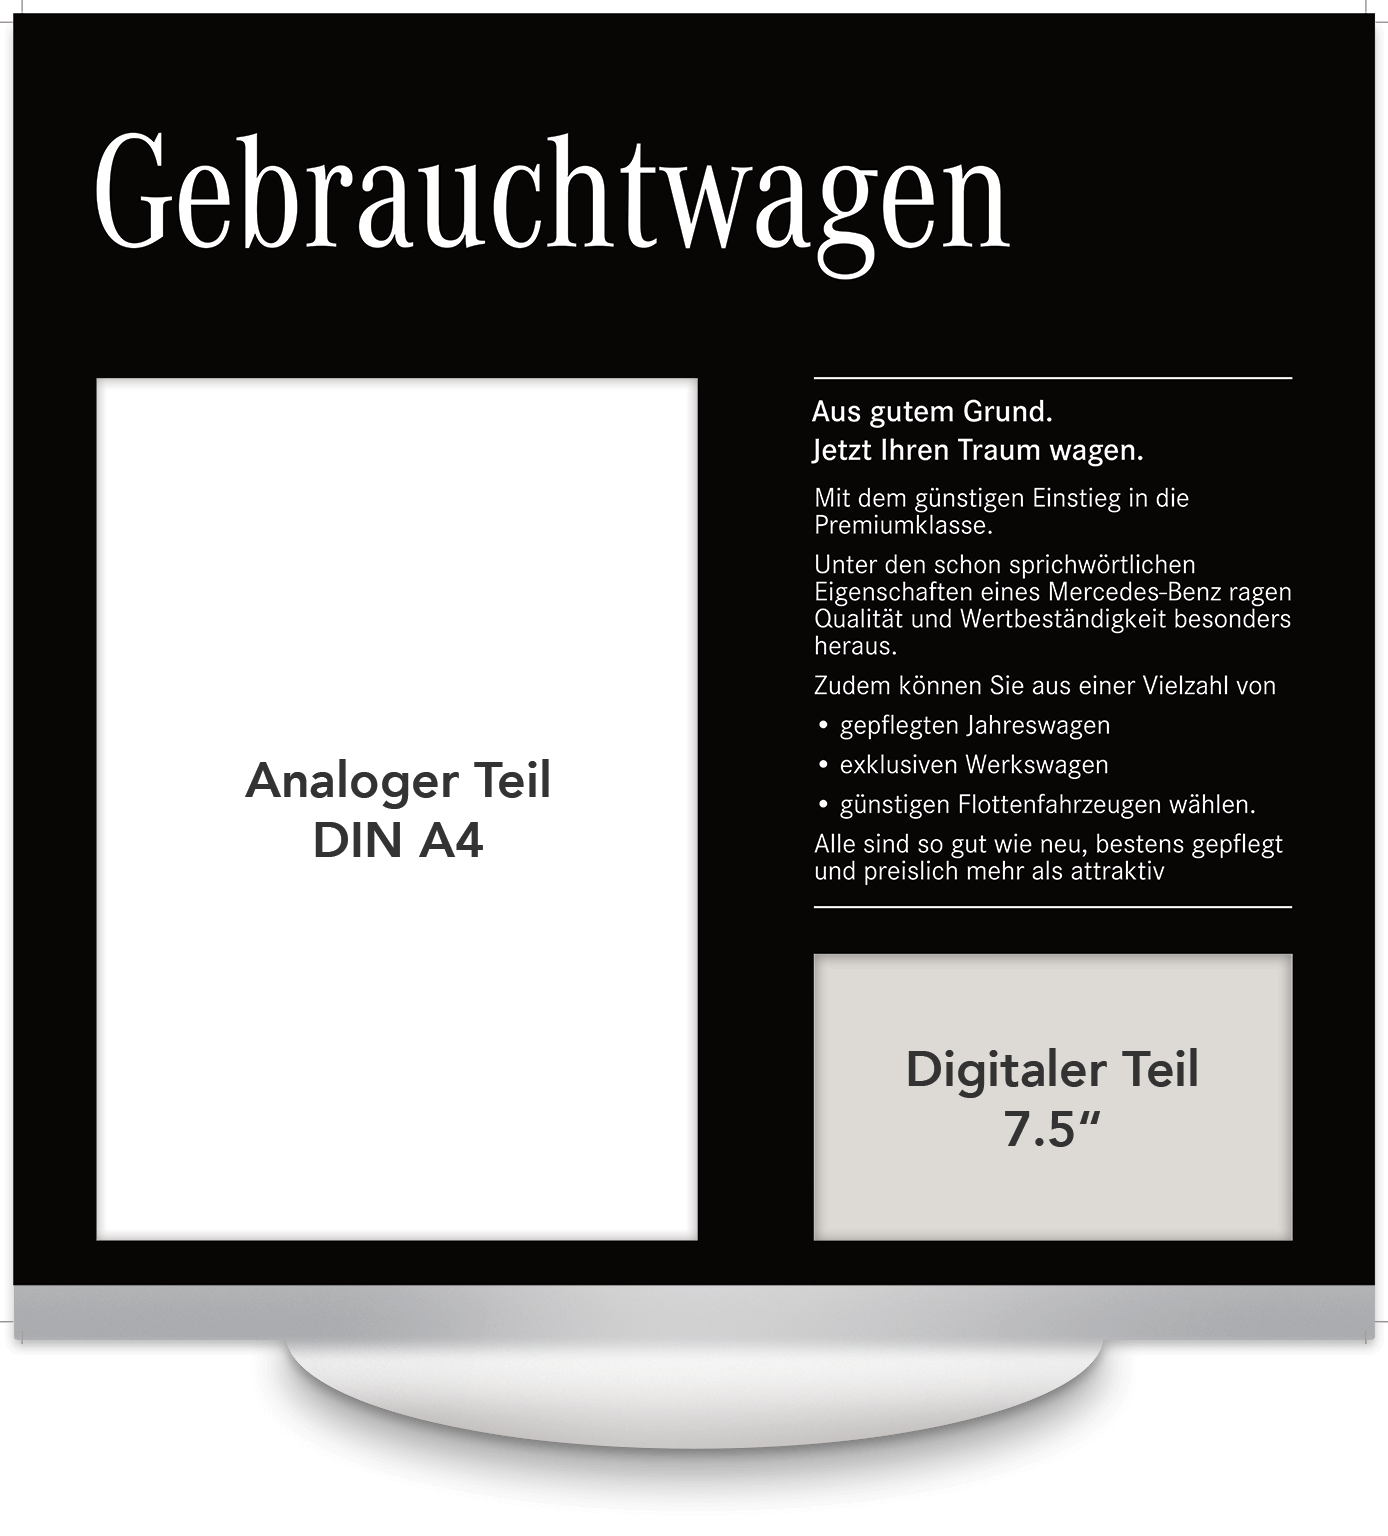 Elektronisches Preisschild 7.5 Zoll Mercedes Gebrauchtwagen Design